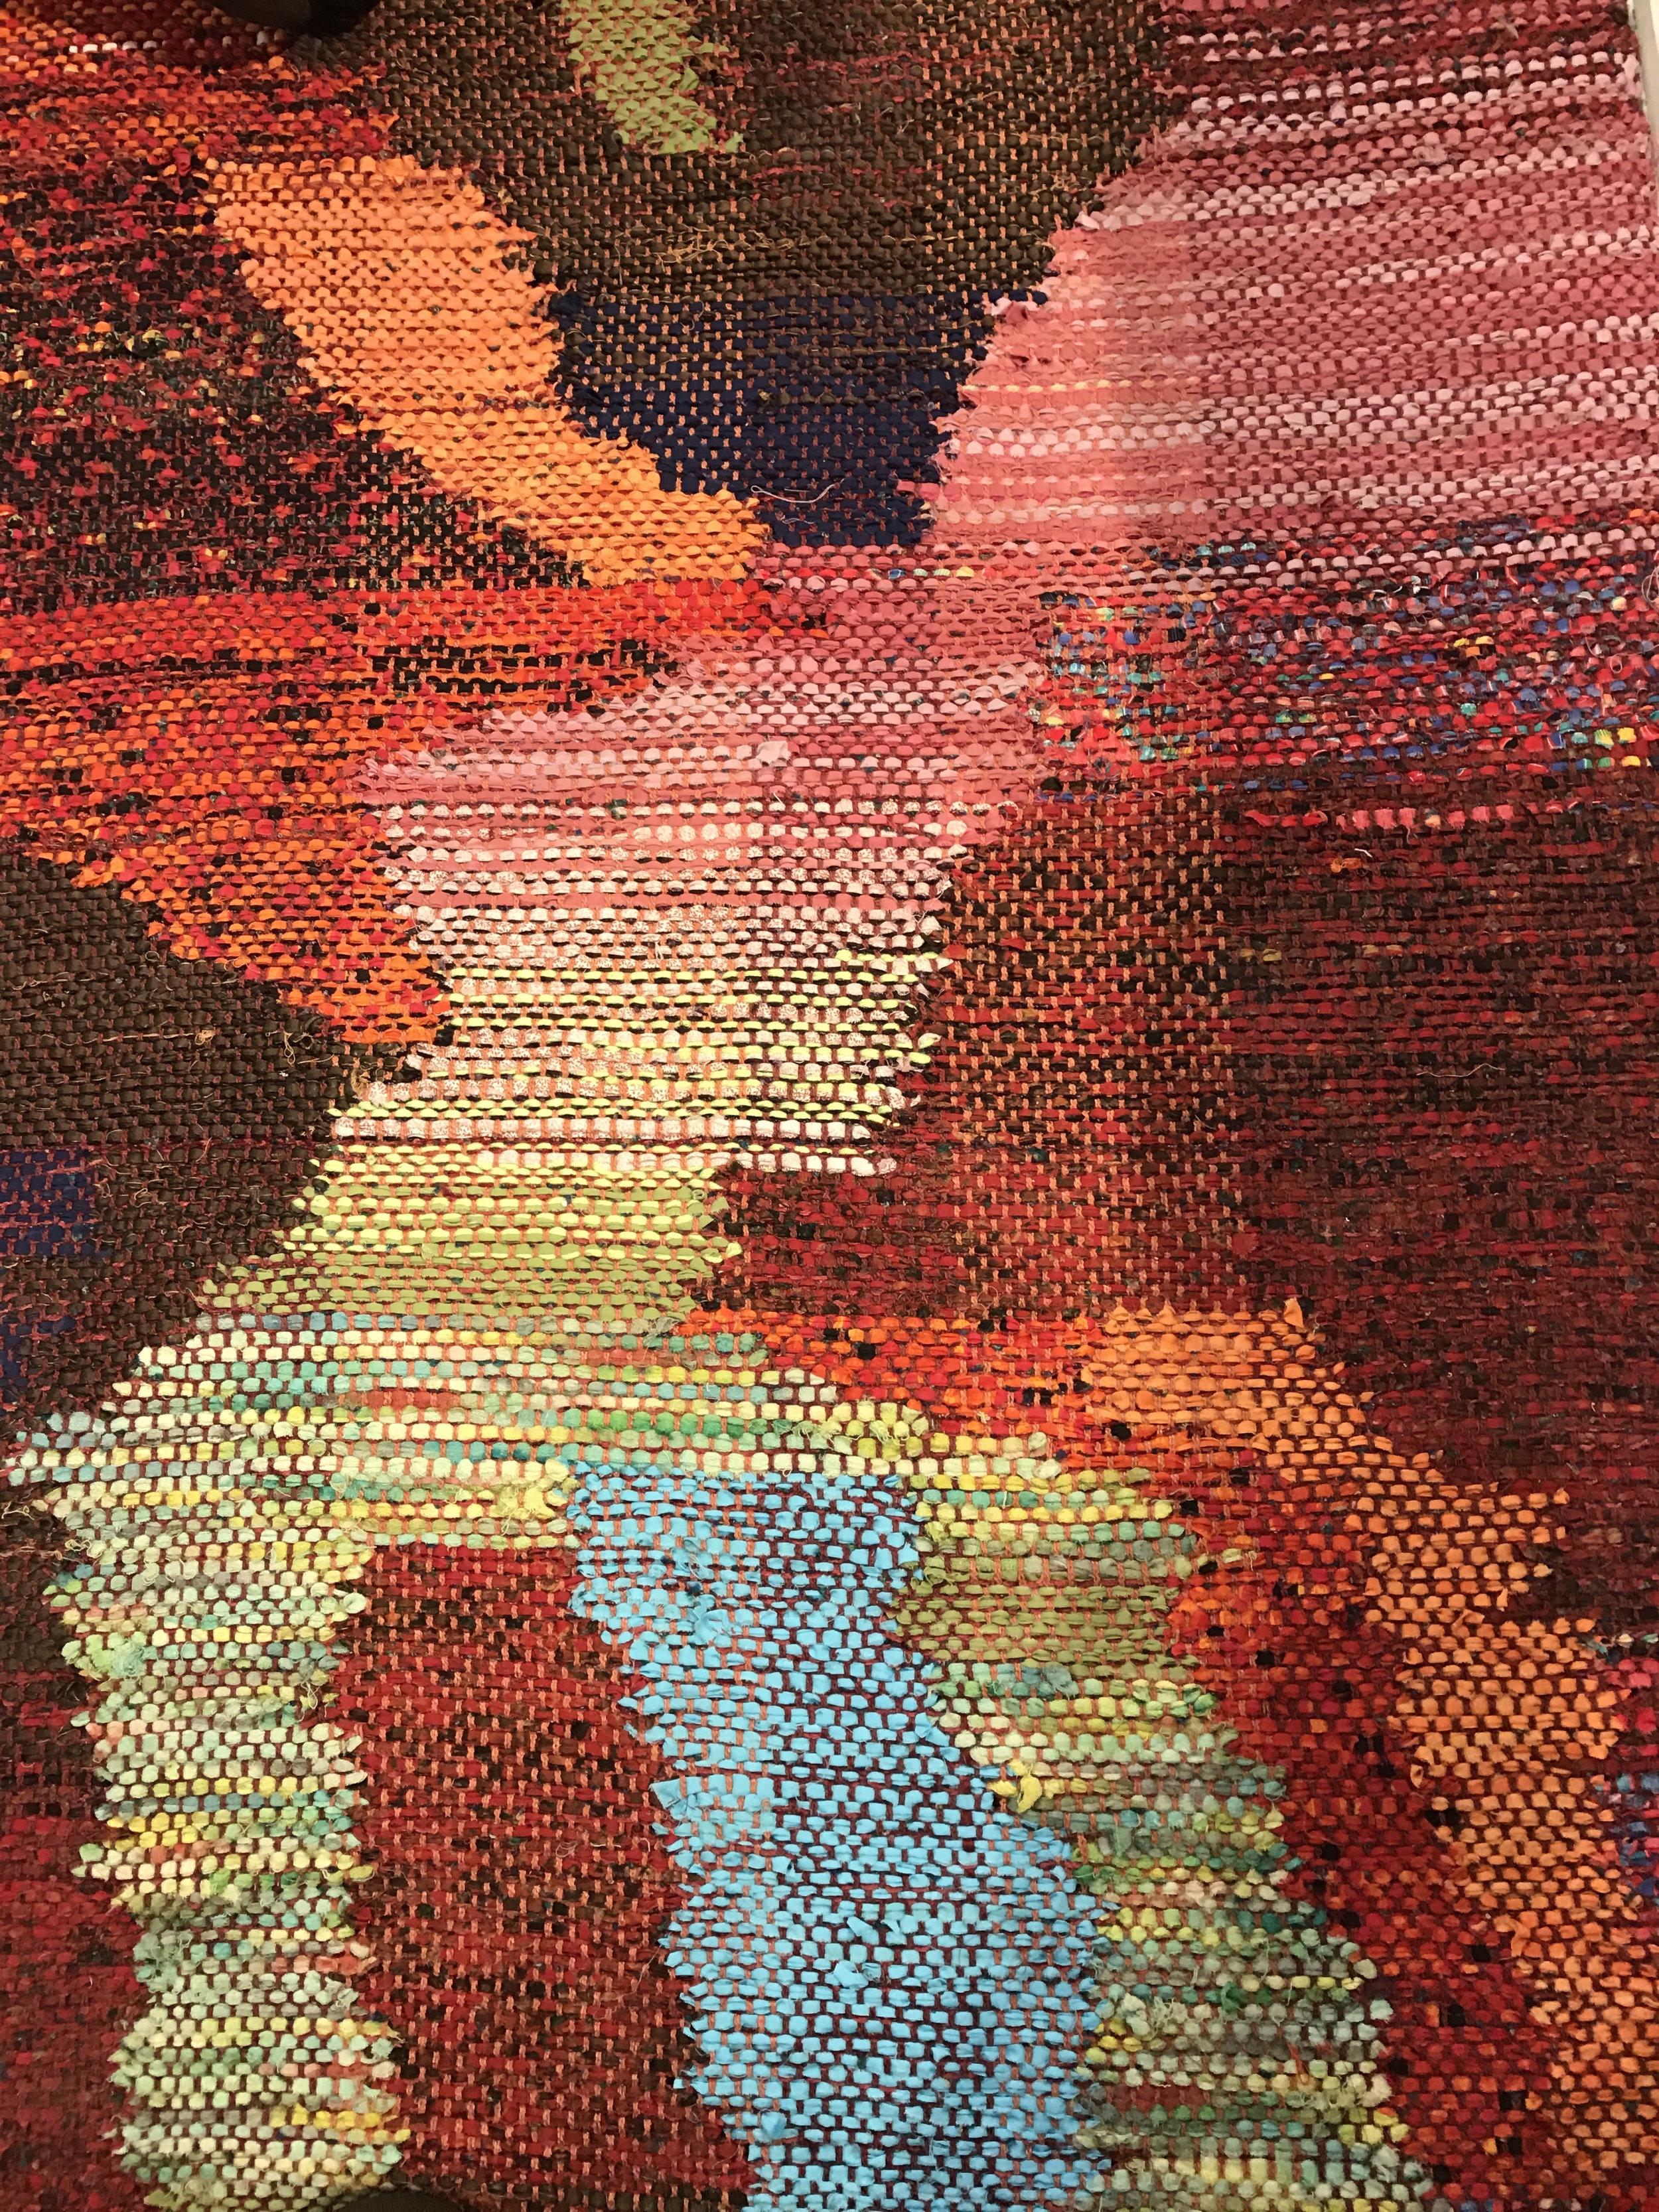 Detail of Cienfuegos Rug by Paula Schubatis